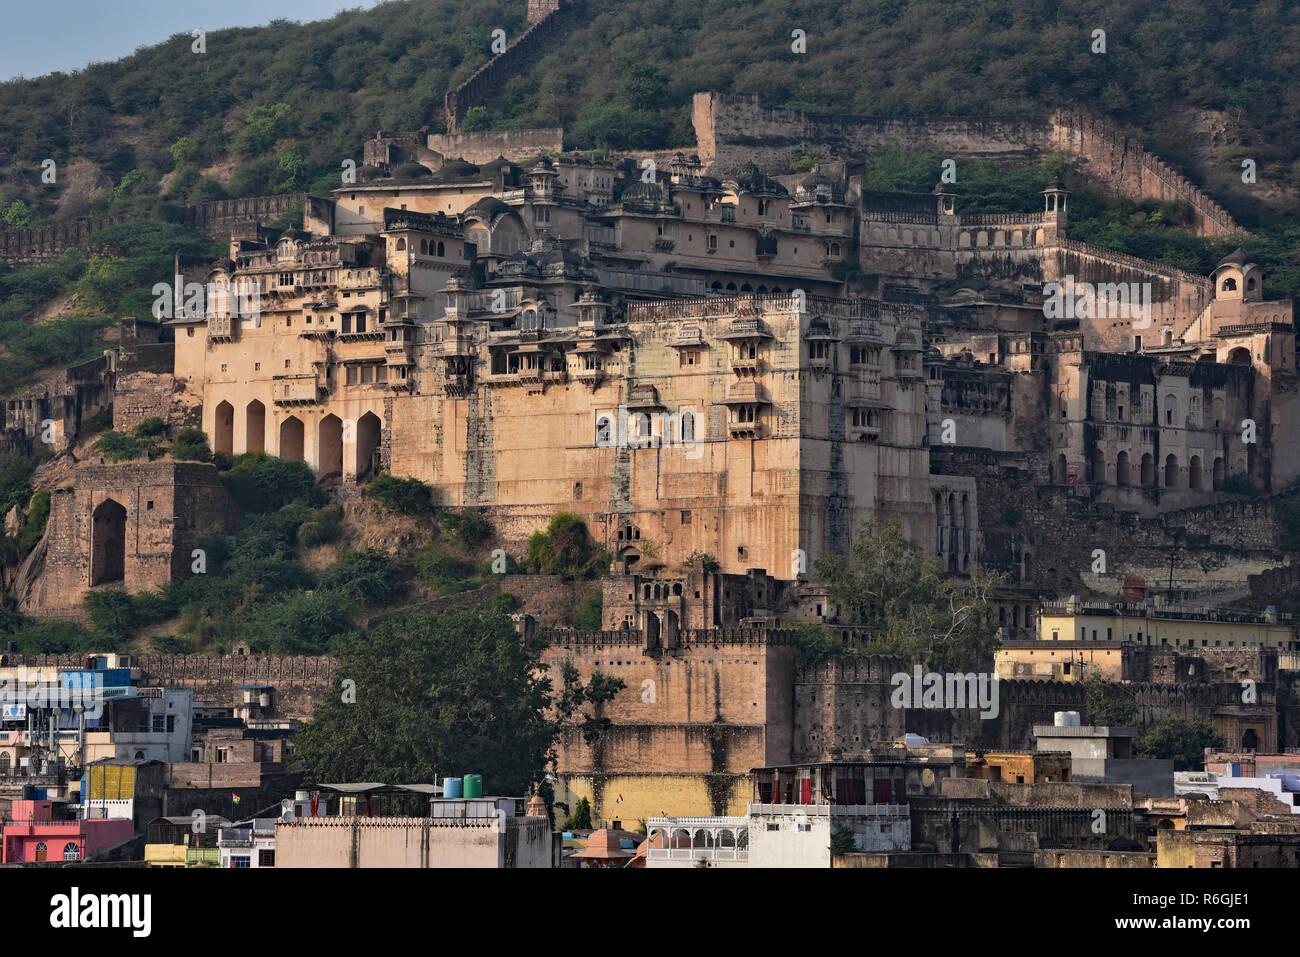 Garh Palace, il gioiello del Rajasthan, un raffinato esempio di architettura Rajput e ospita alcuni stupendi affreschi, Bundi, stato dell India occidentale, in Asia. Immagini Stock